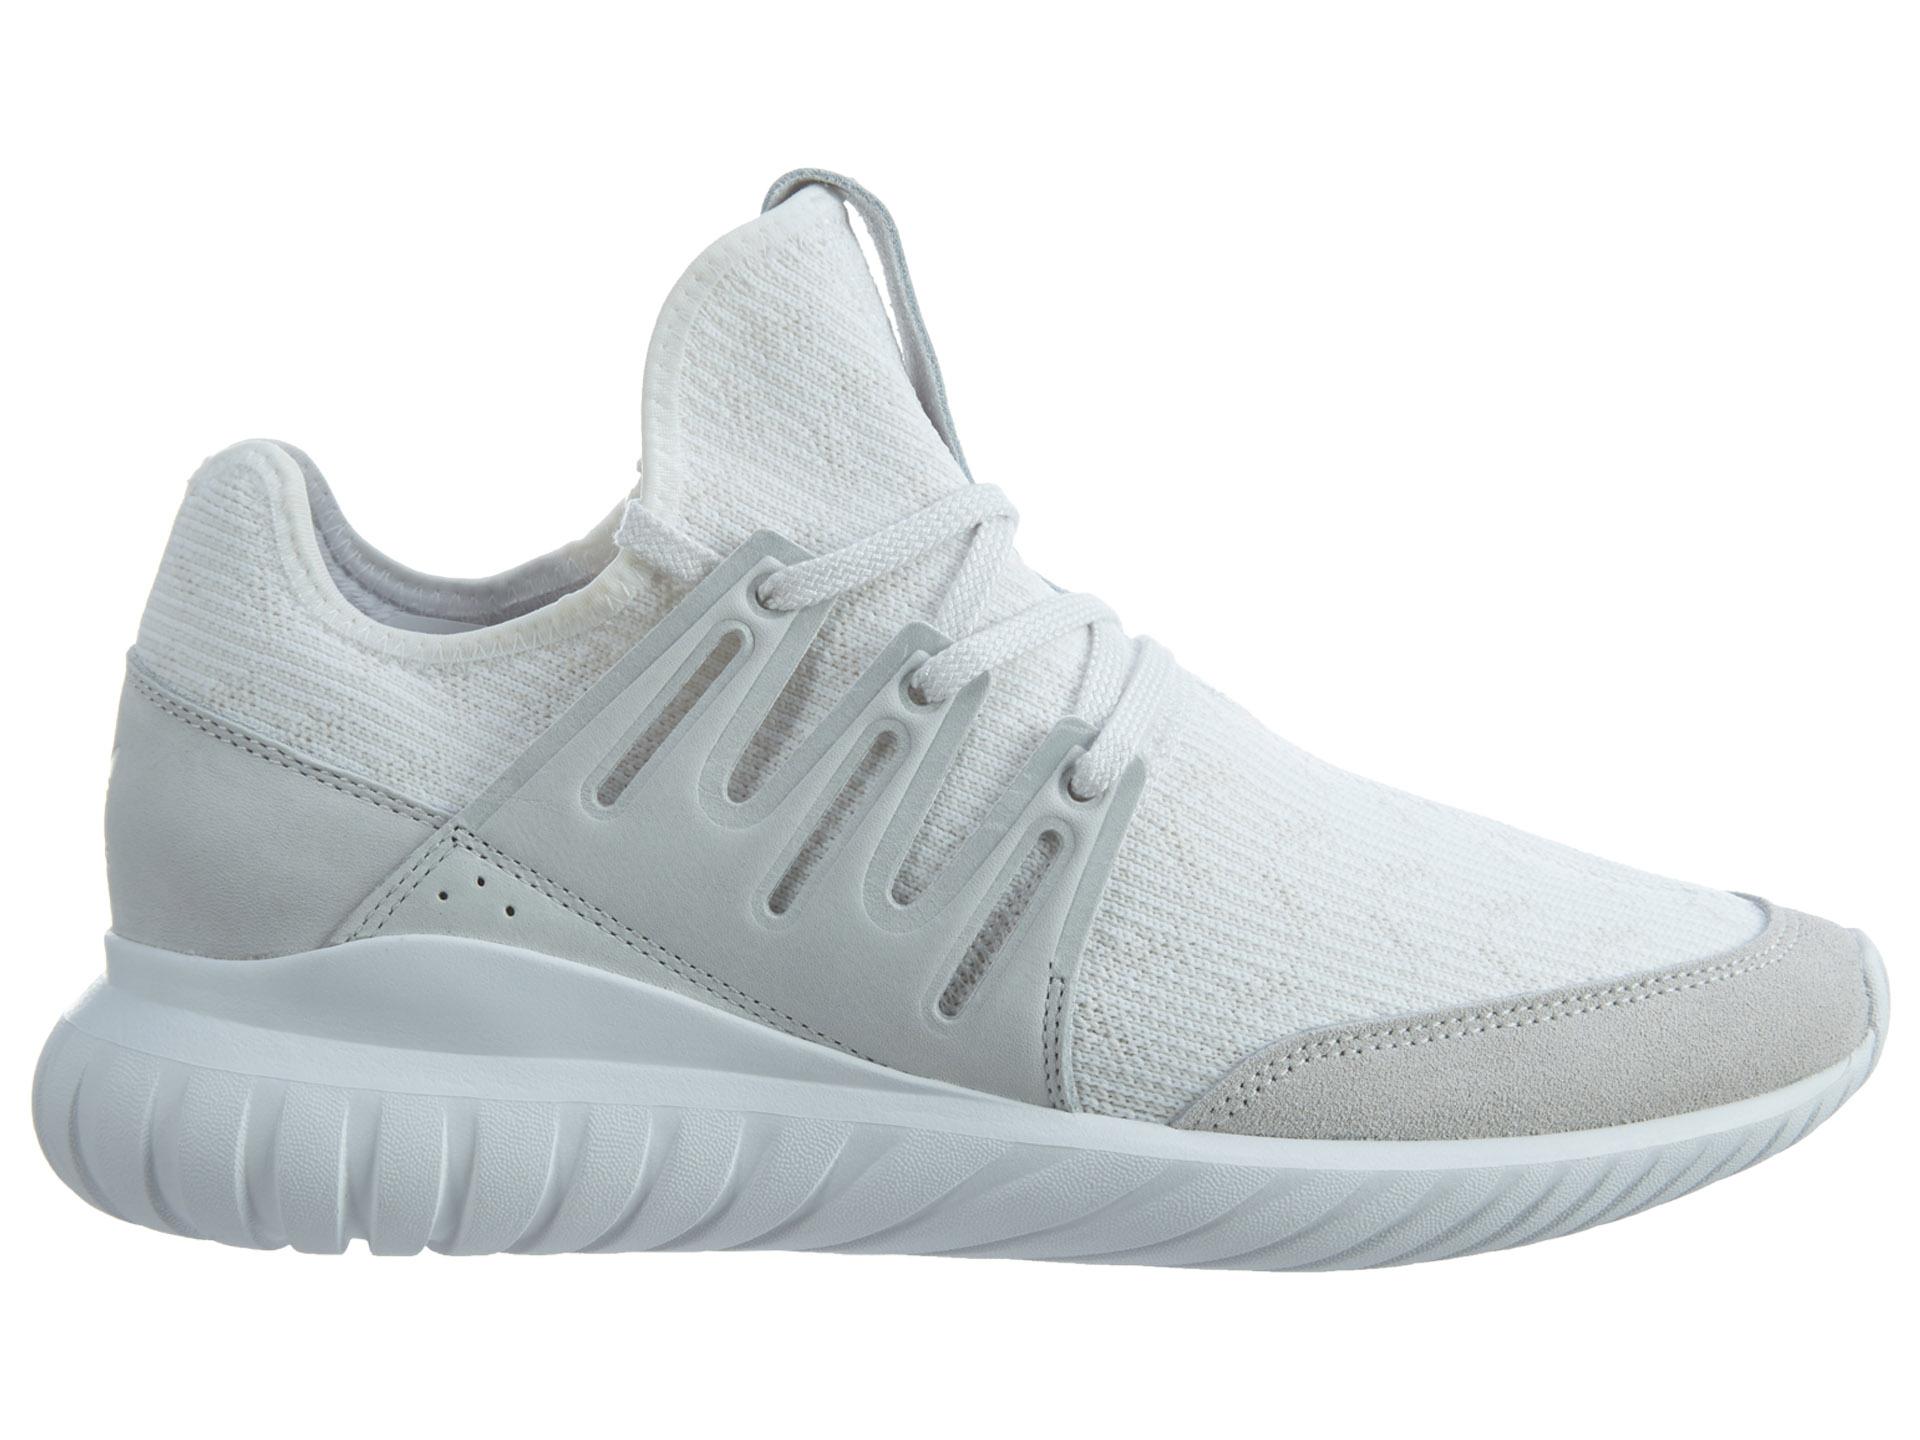 adidas Tubular Radial Pk White White-Black